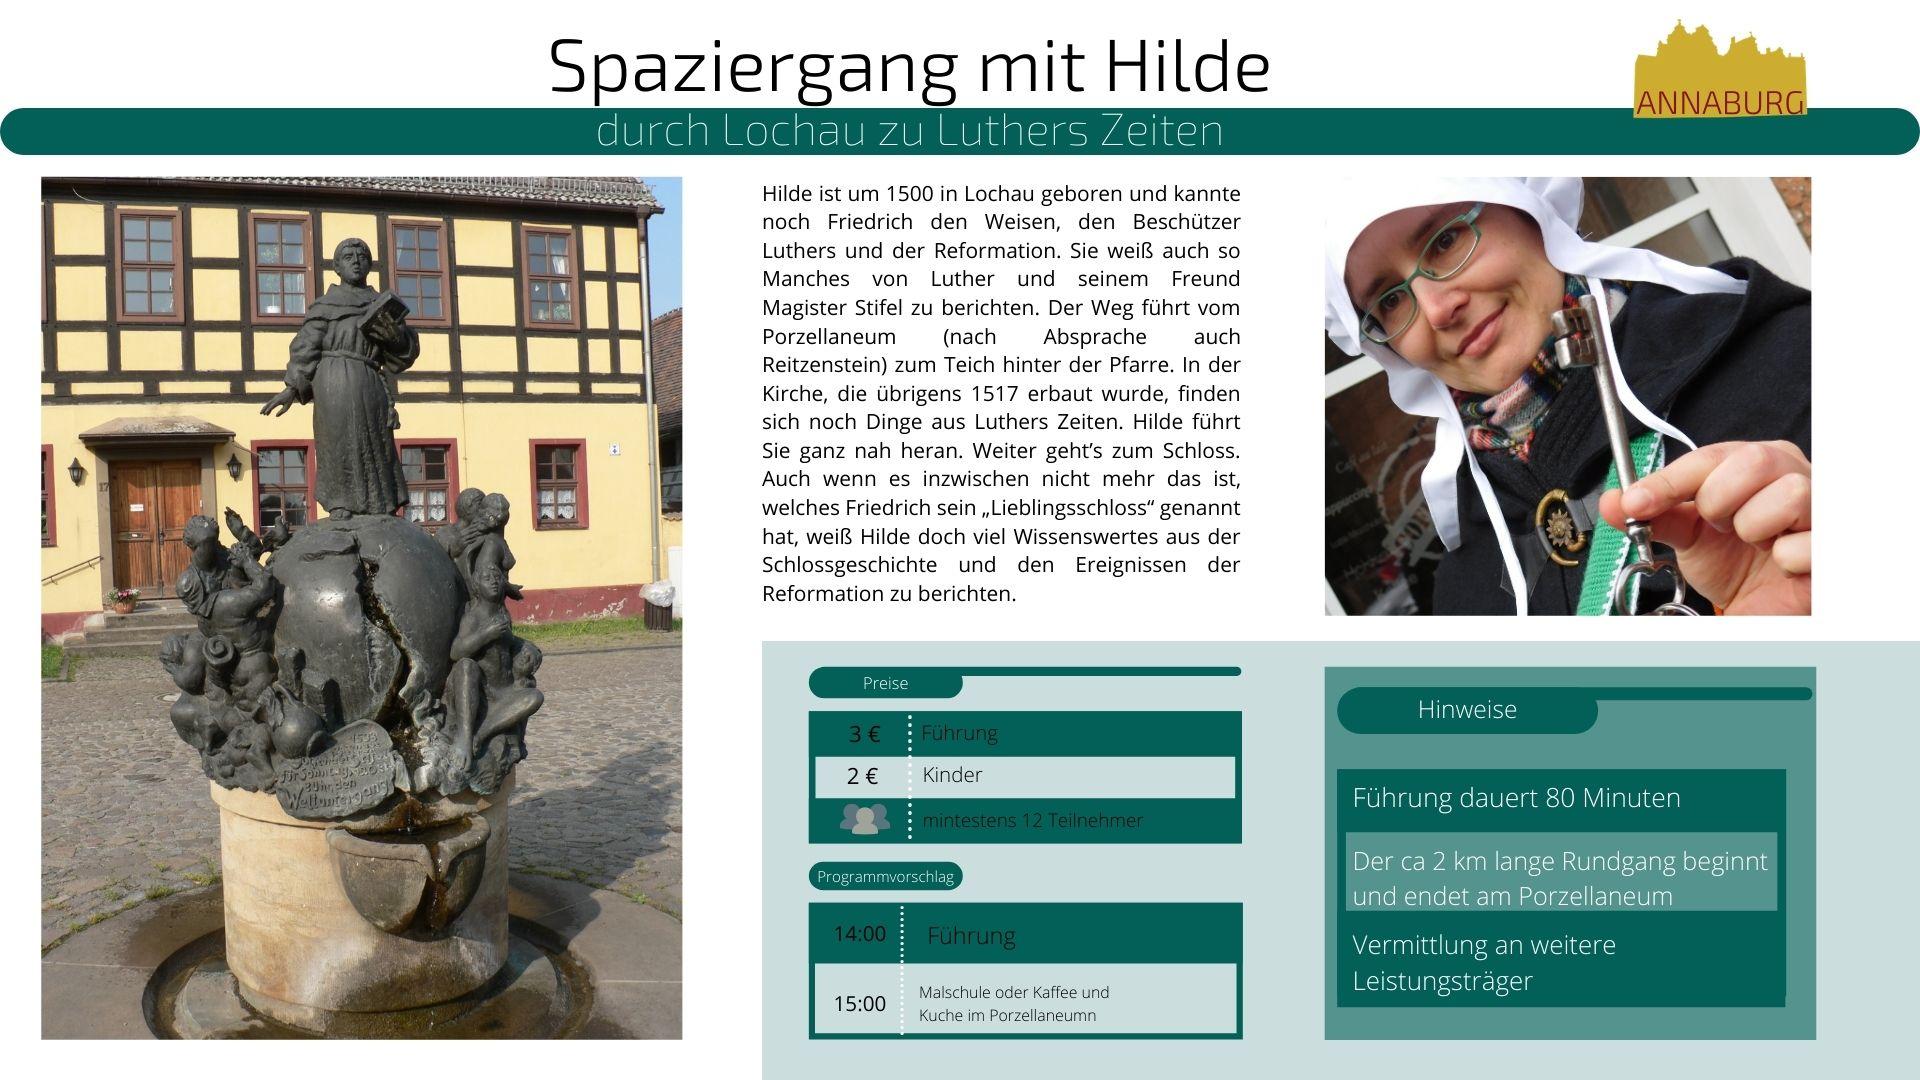 Angaben zur Fürung: Stadtspaziergang mit Hilde